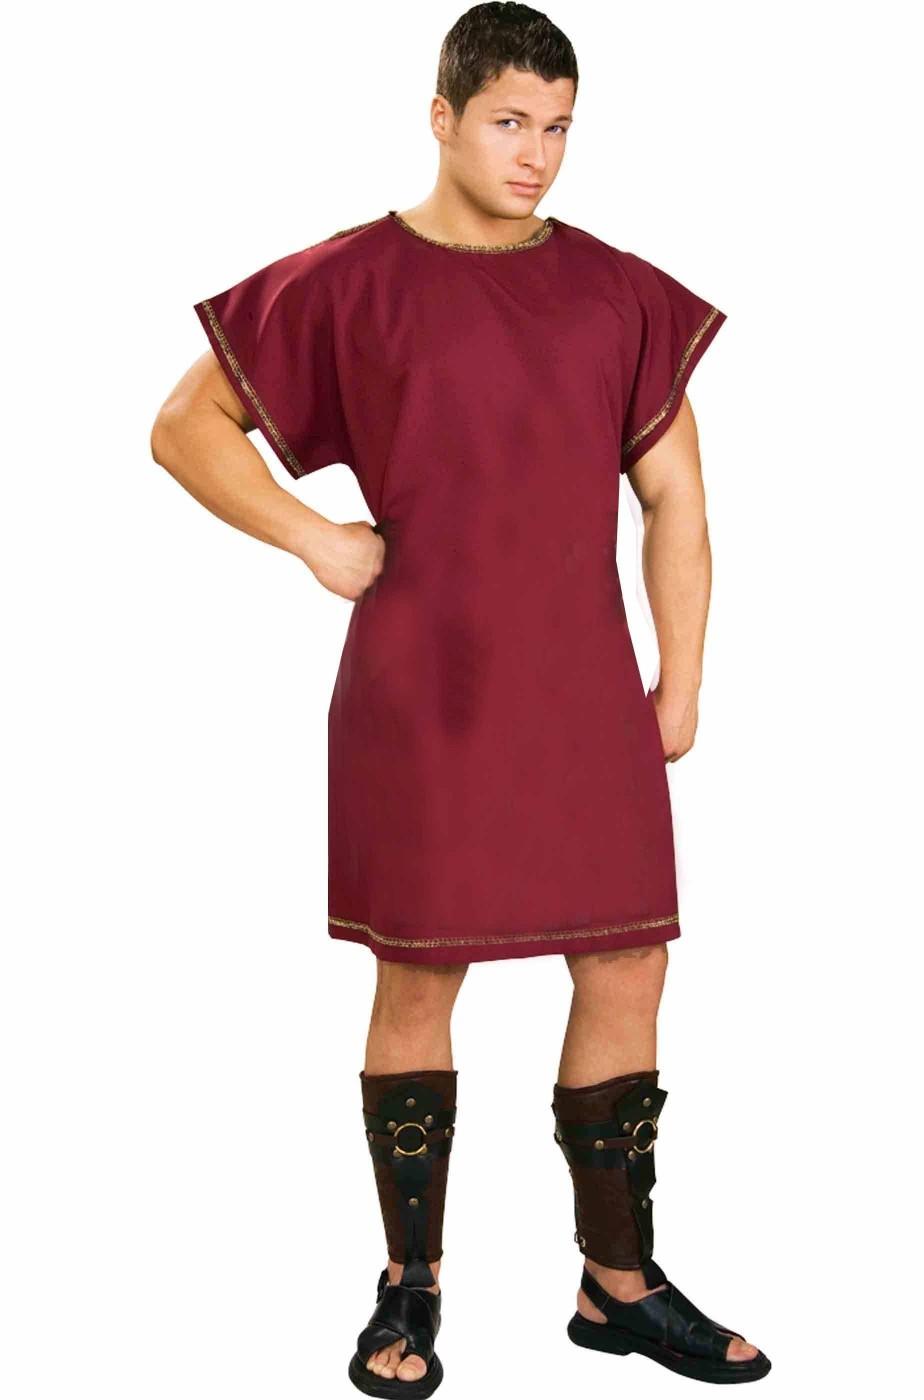 Tunica rossa antico romano o medievale